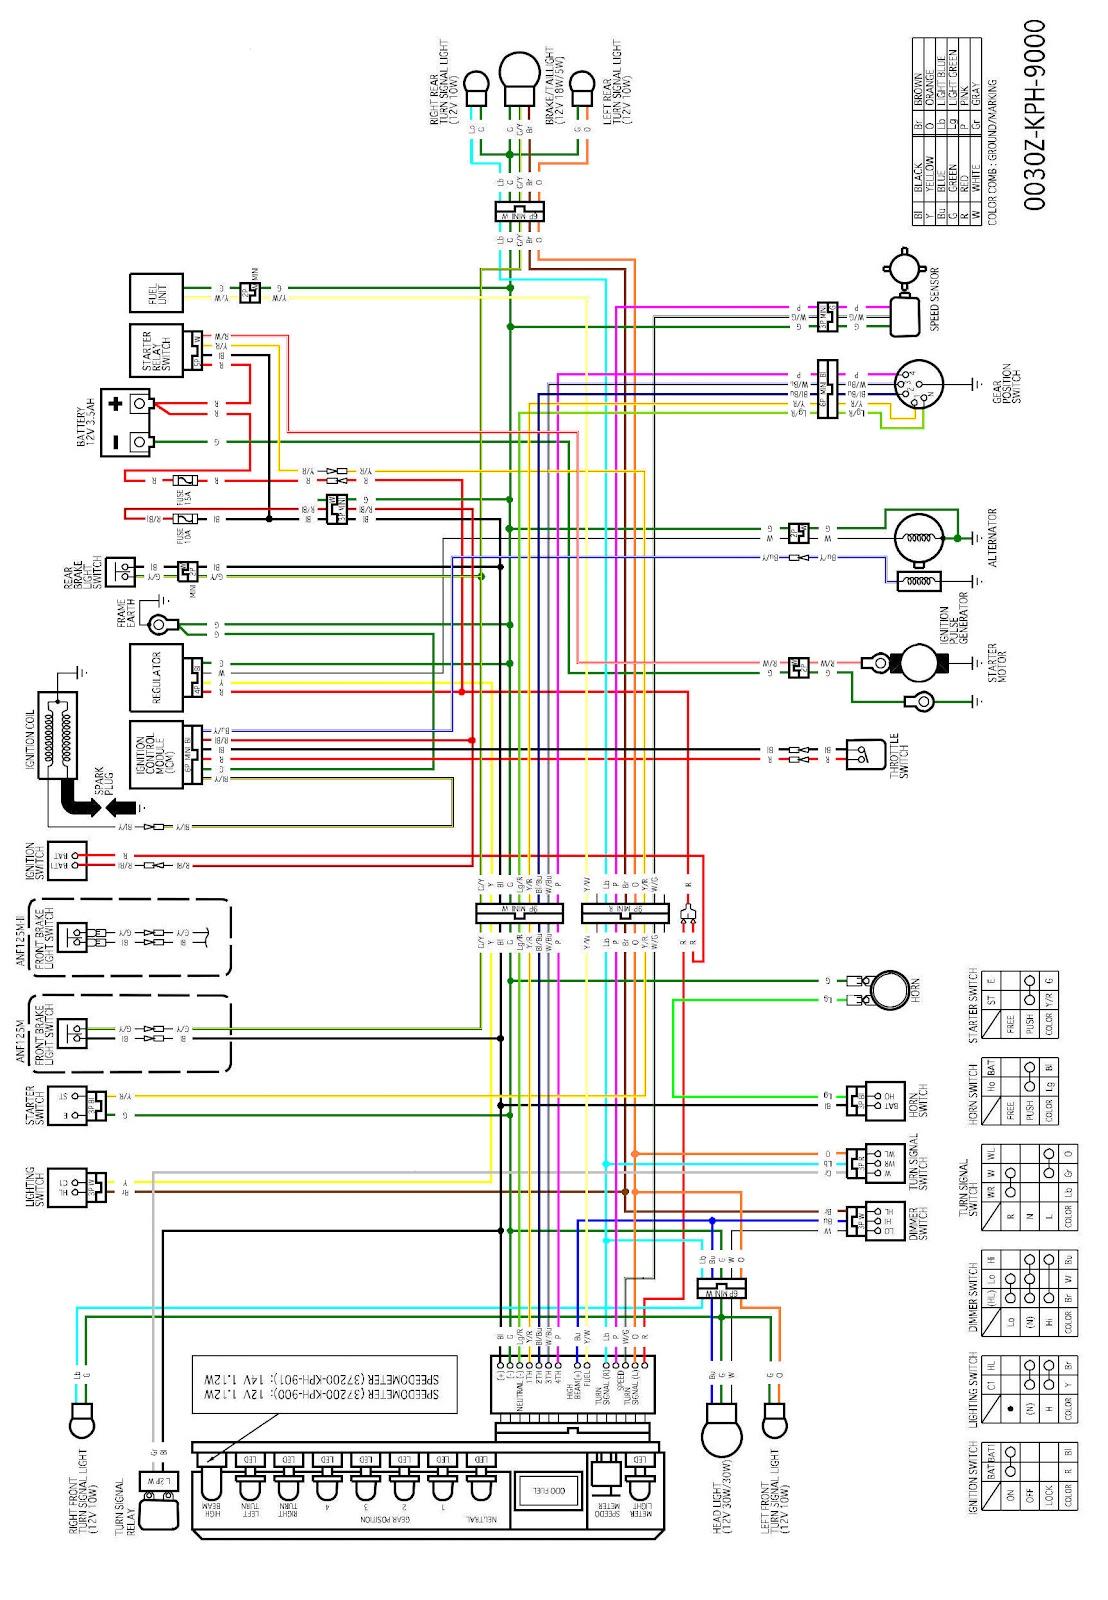 wiring diagram motor honda karisma x wiring library wiring diagram motor karisma [ 1108 x 1600 Pixel ]